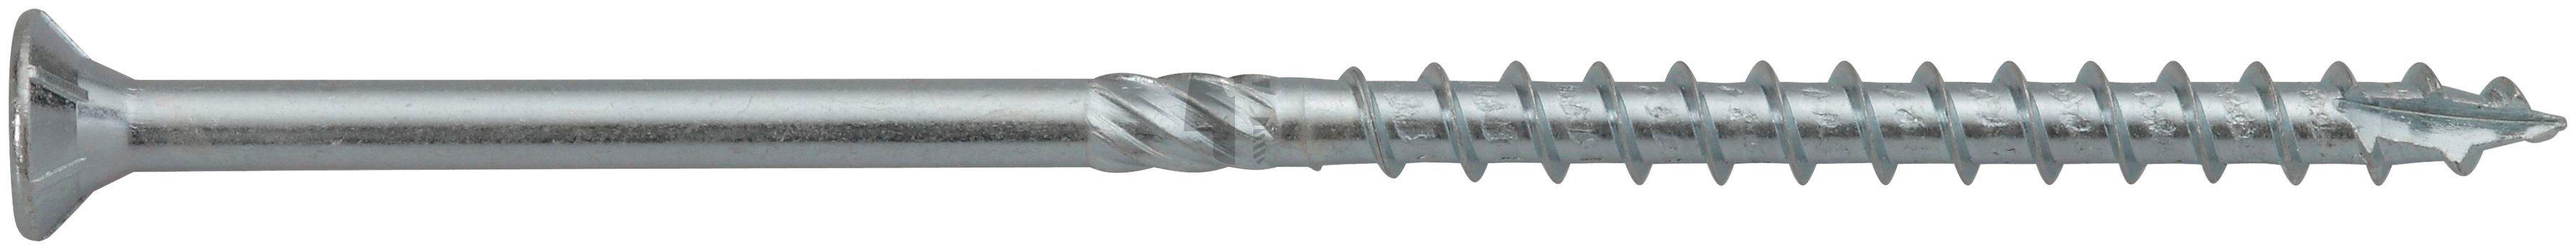 RAMSES Schrauben , Holzbauschraube 8 x 280 mm 25 Stk.